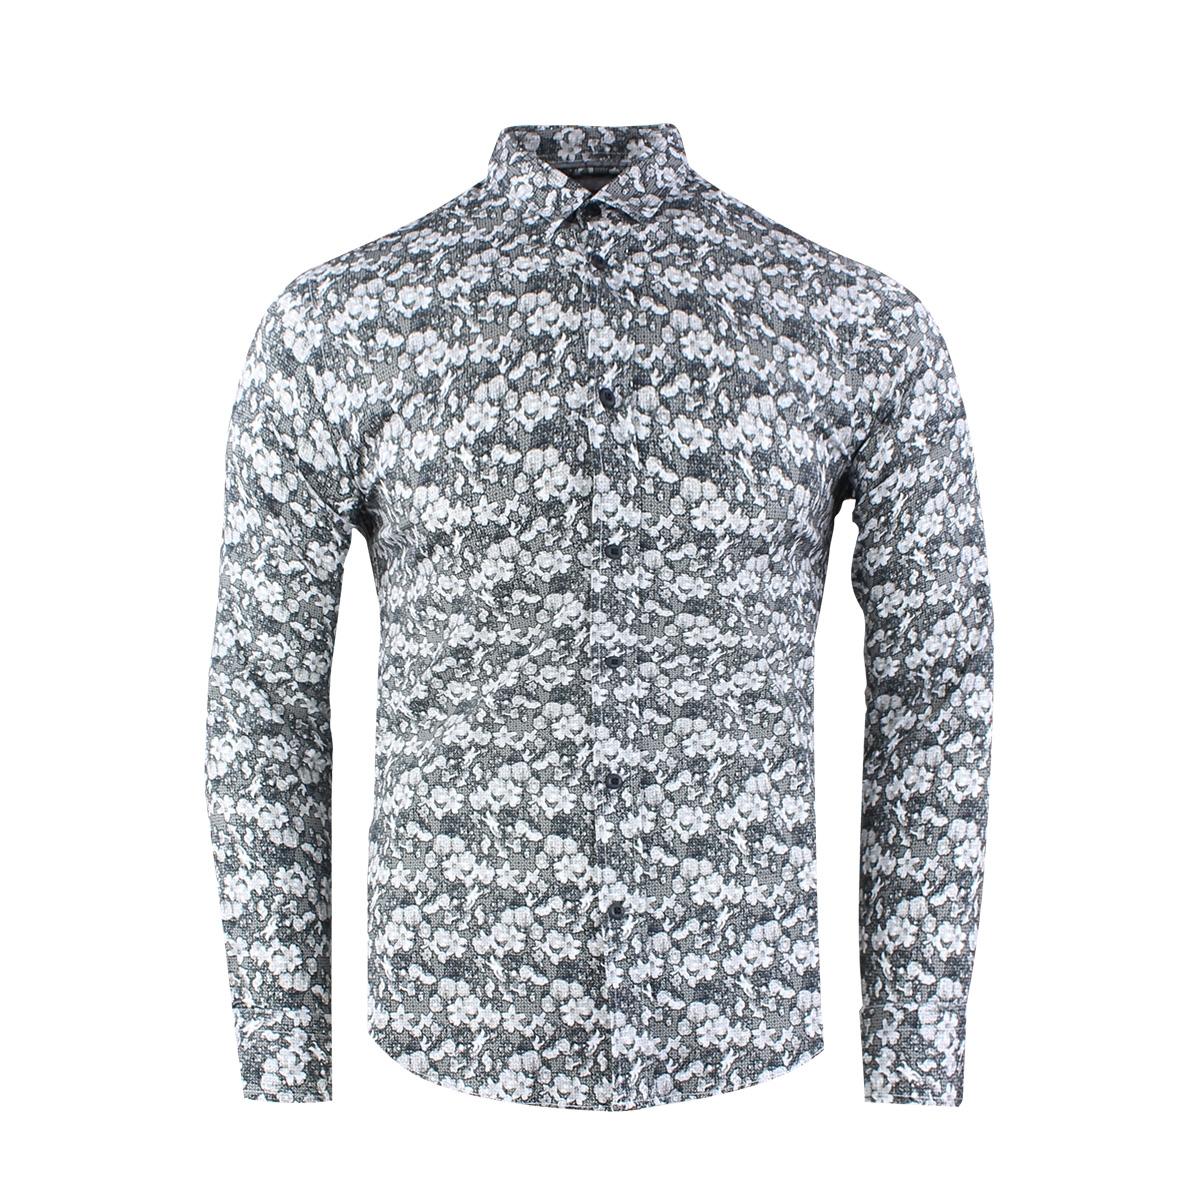 33853 gabbiano overhemd v8